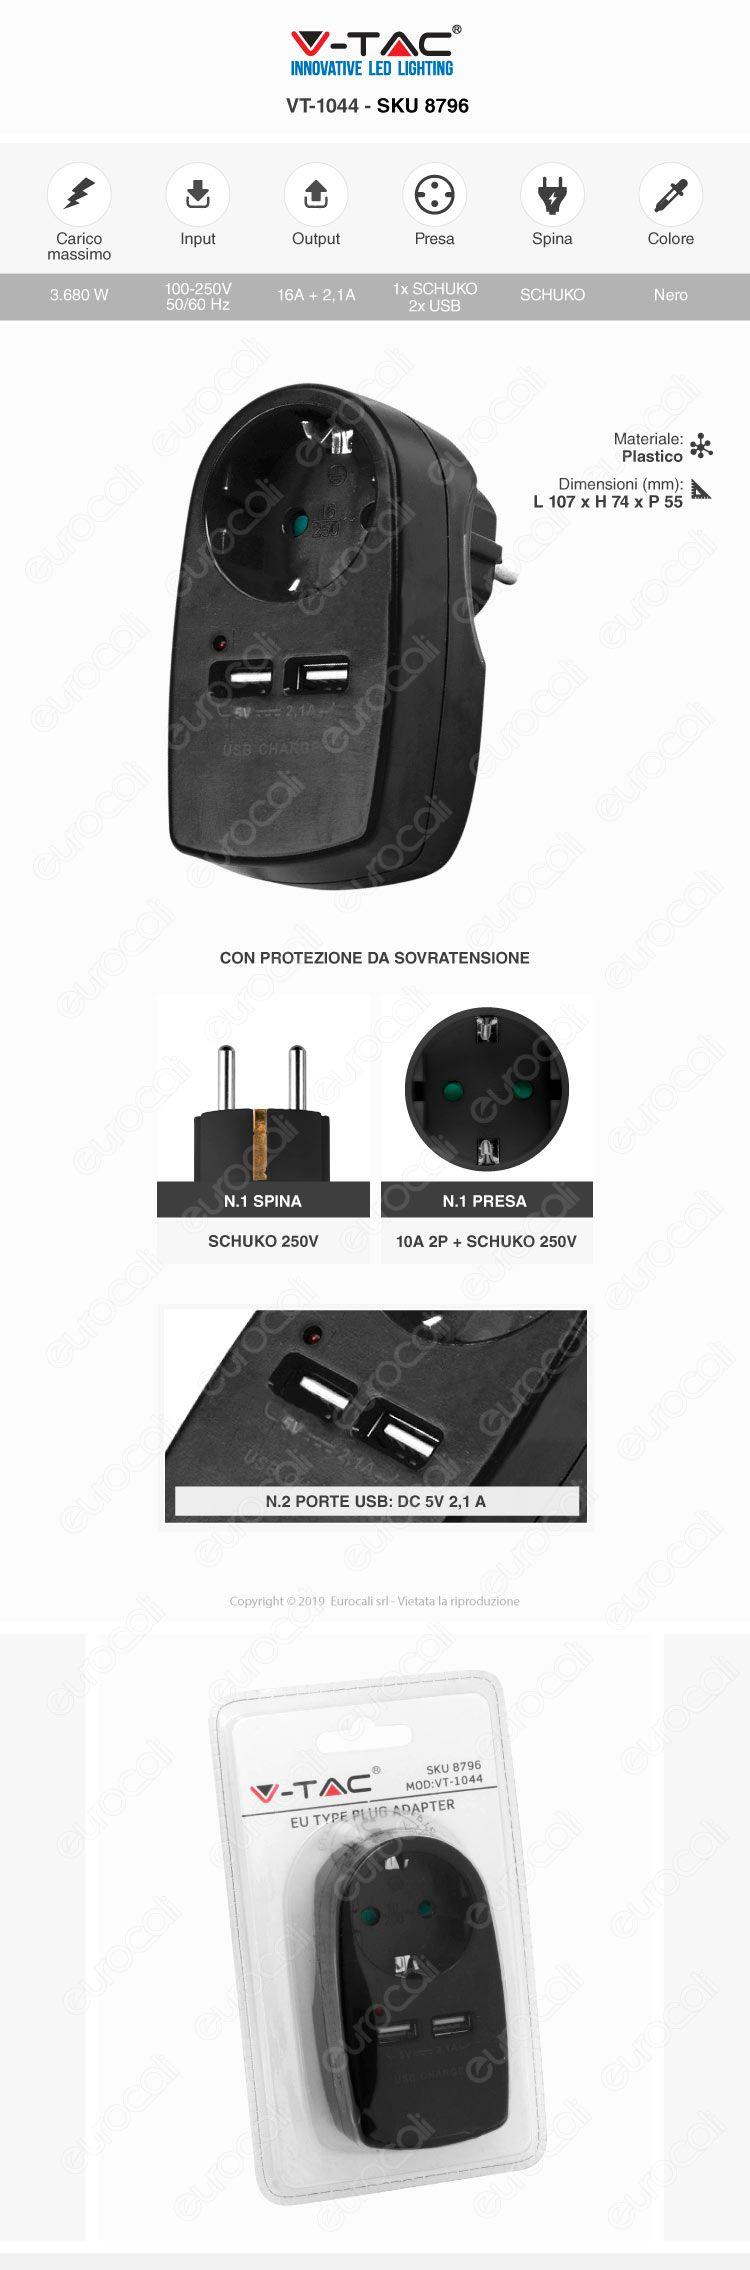 V-Tac VT-1044 Adattatore con 2 Porte USB con Spina e Pesa Schuko Nero